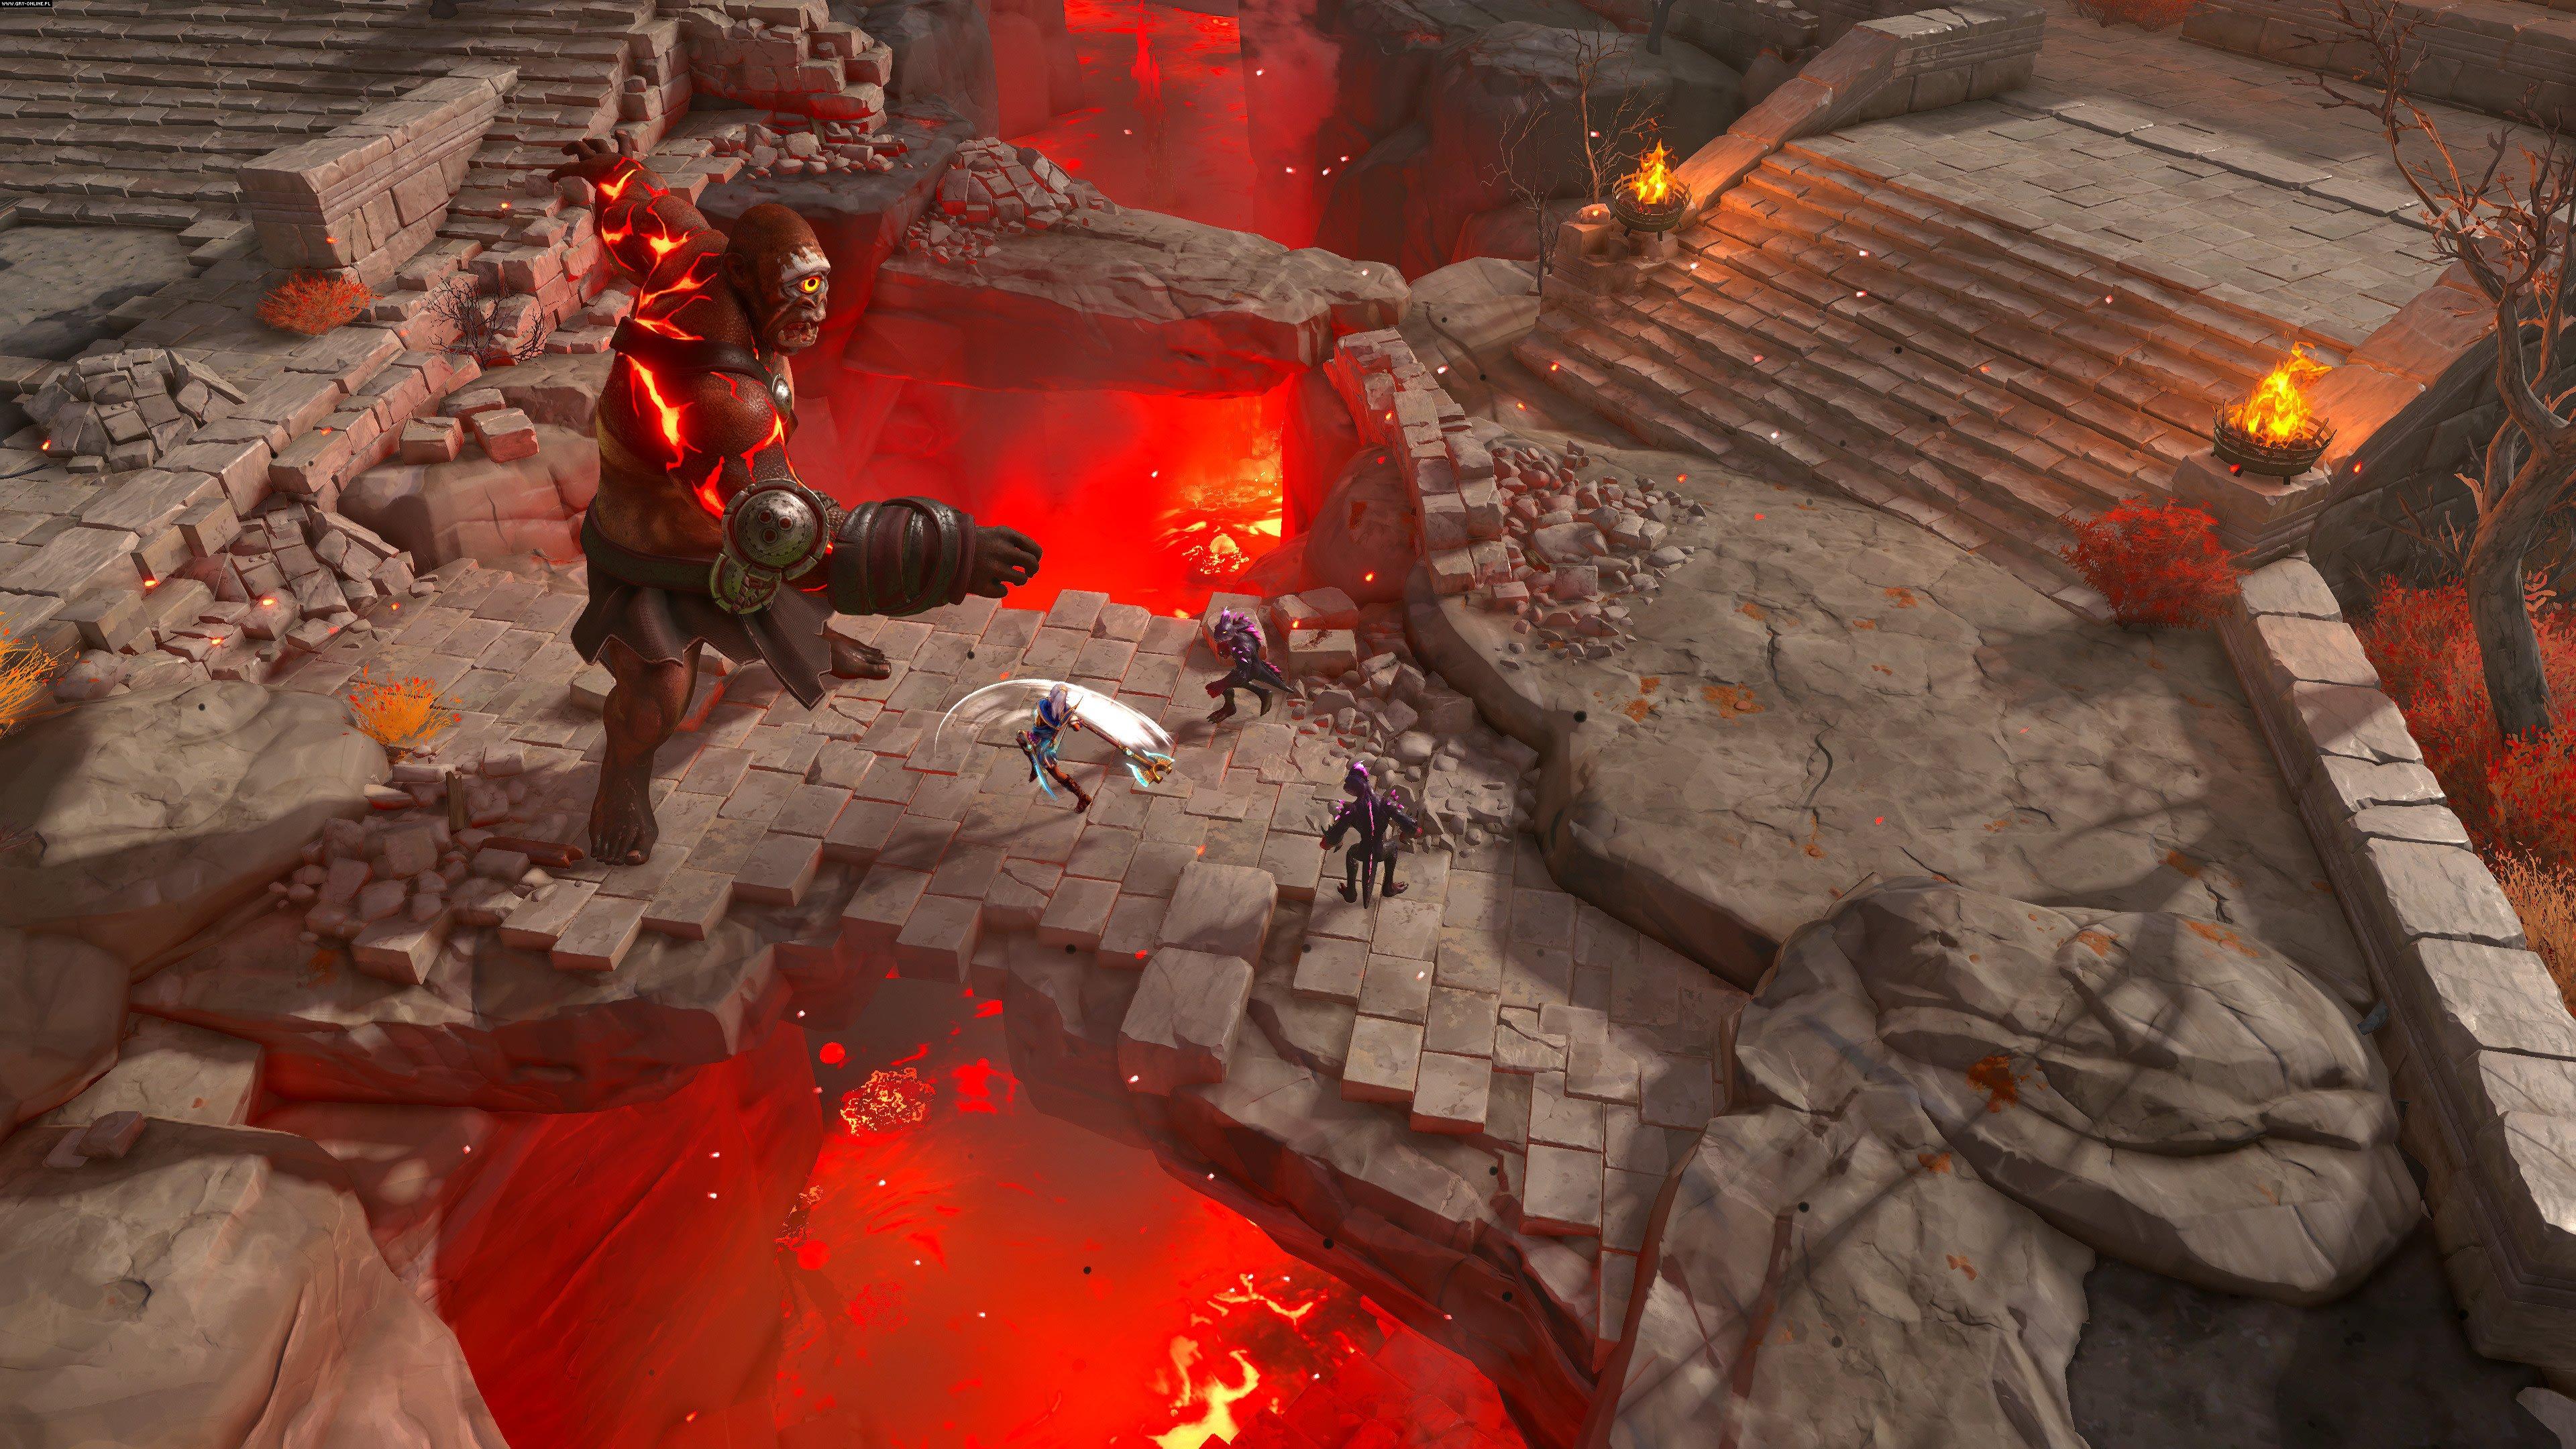 Immortals: Fenyx Rising - The Lost Gods Screenshots | gamepressure.com